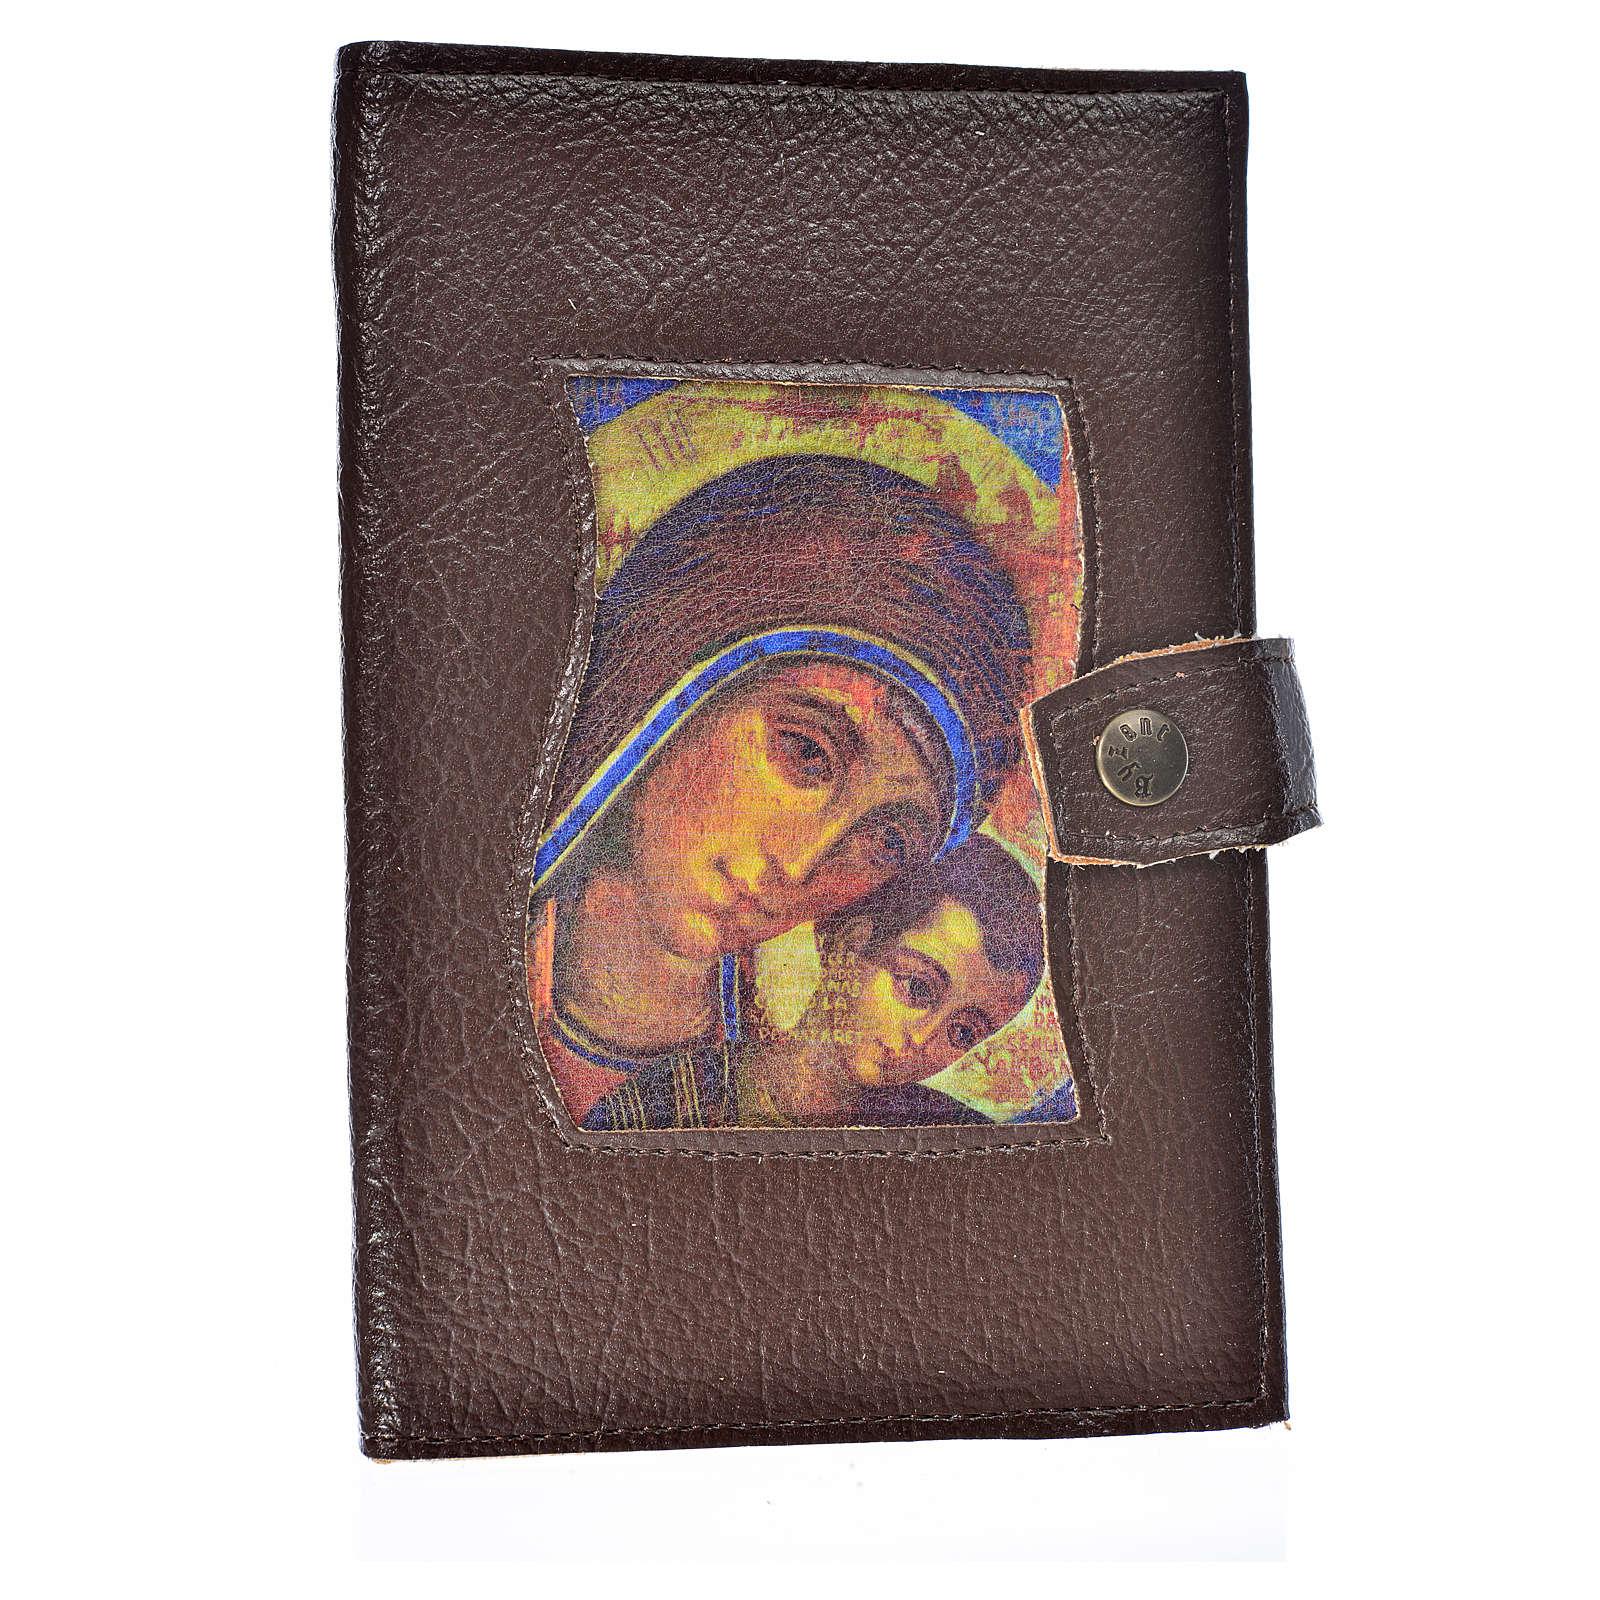 Funda Biblia Jerusalén Nueva Ed. simil cuero Virgen marrón oscuro 4